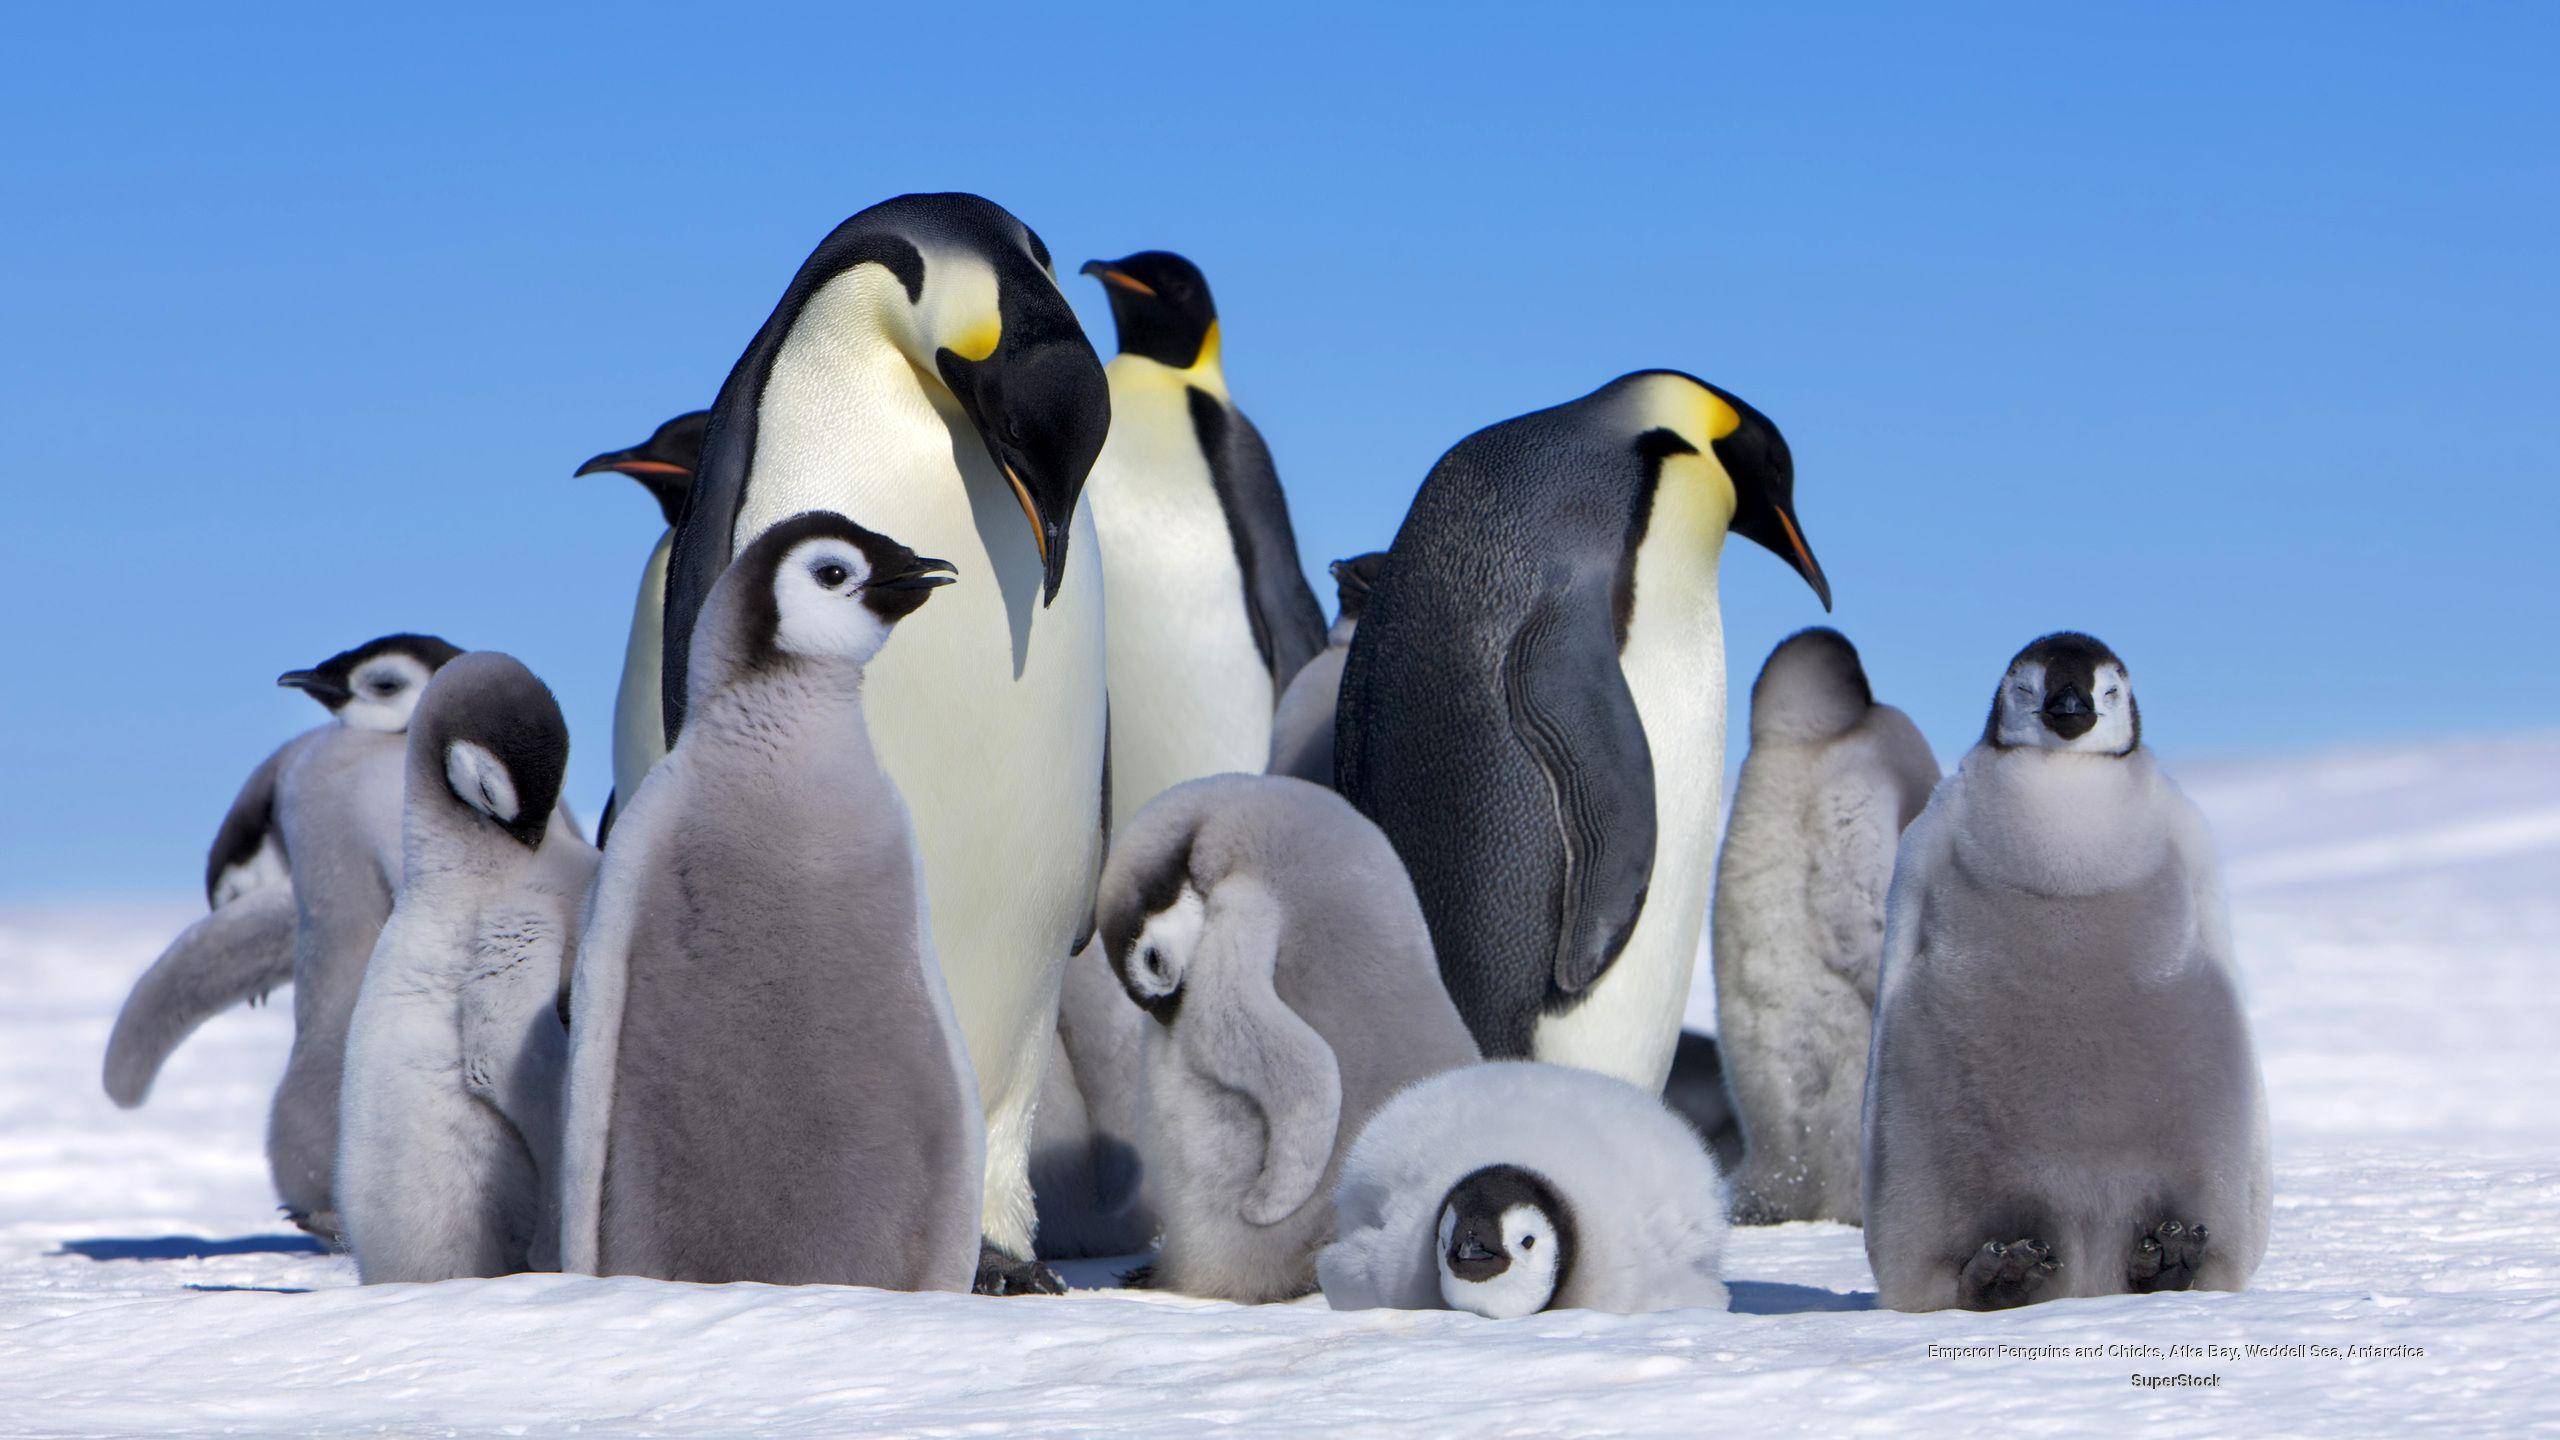 Penguin Wallpapers Download Beautiful Birds HD Desktop Images 2560x1440